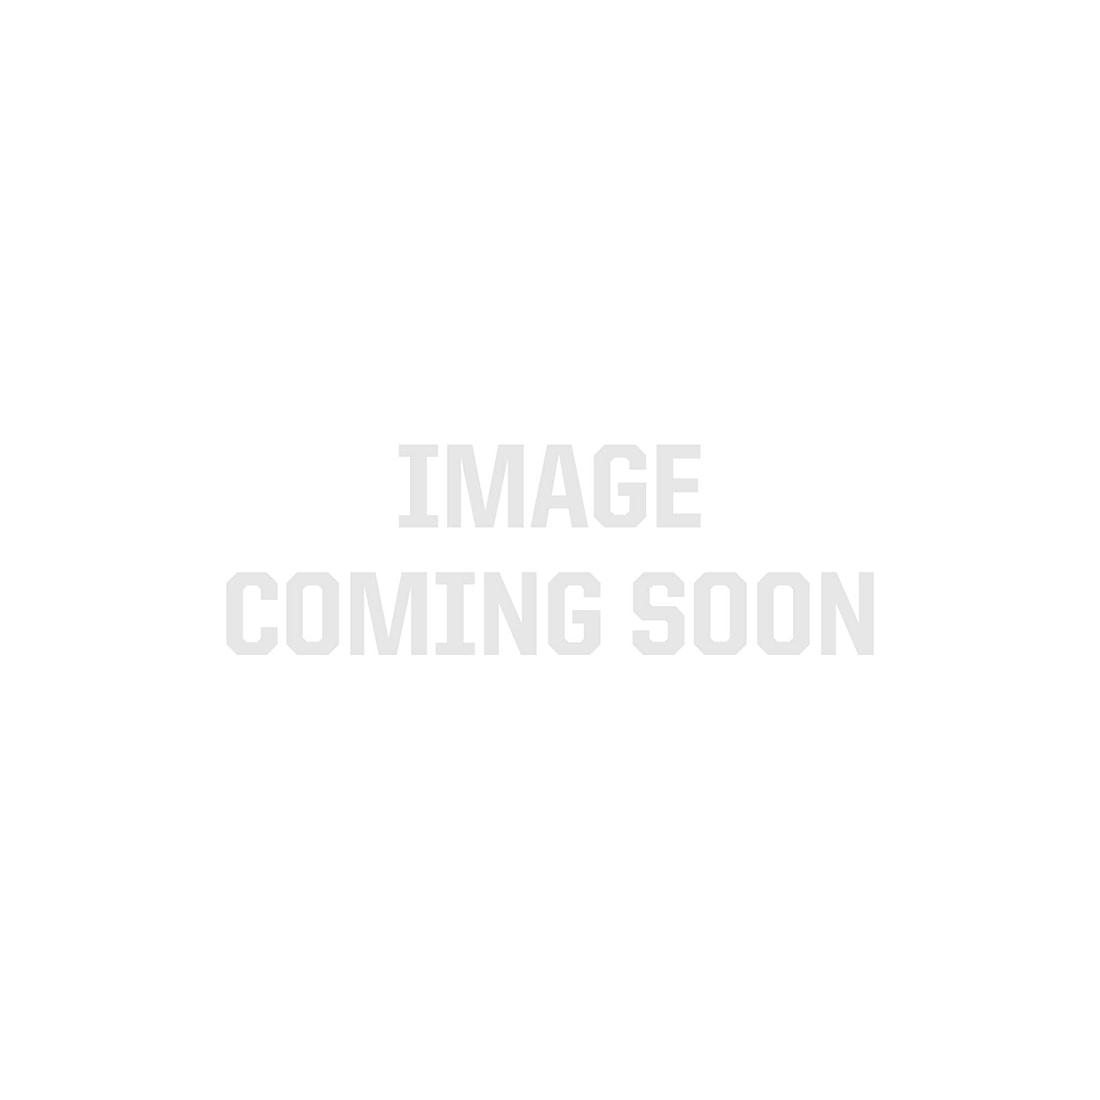 Soft White 3528 LED Strip Light, 60/m, 8mm wide, Sample Kit